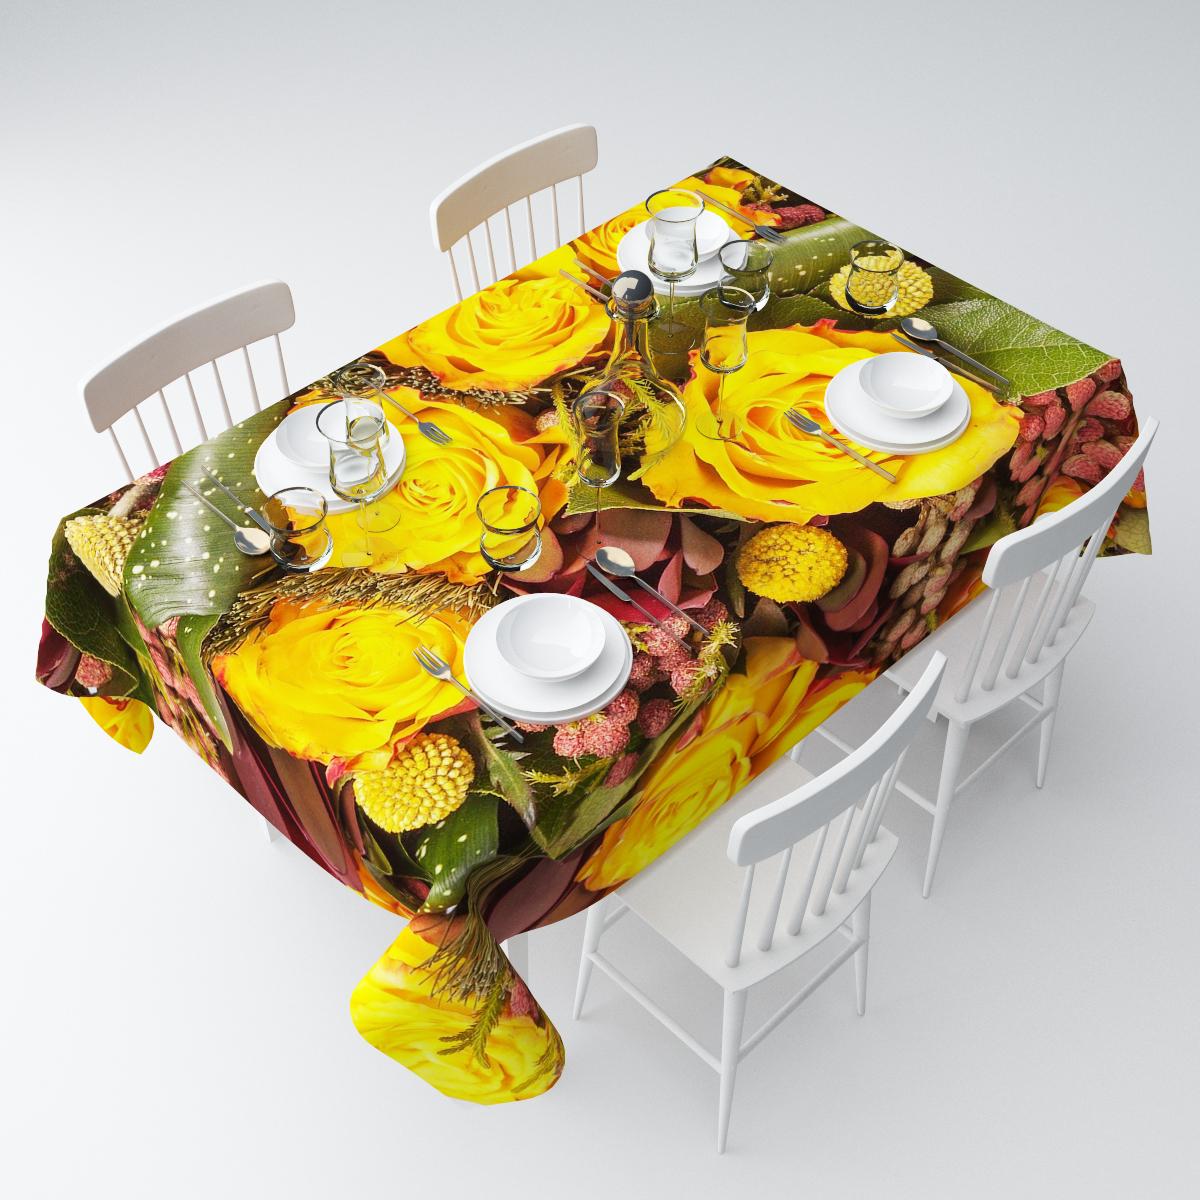 Скатерть Сирень Желтые розы с личи, прямоугольная, 145 х 120 смСКГБ003-04423Скатерть Сирень с ярким и объемным рисунком преобразит Вашу кухню, визуально расширит пространство, создаст атмосферу радости и комфорта. Размеры: 145х120 Рекомендации по уходу: стирка при 30 градусах гладить при температуре до 110 градусов Изображение на мониторе может немного отличаться от реального.